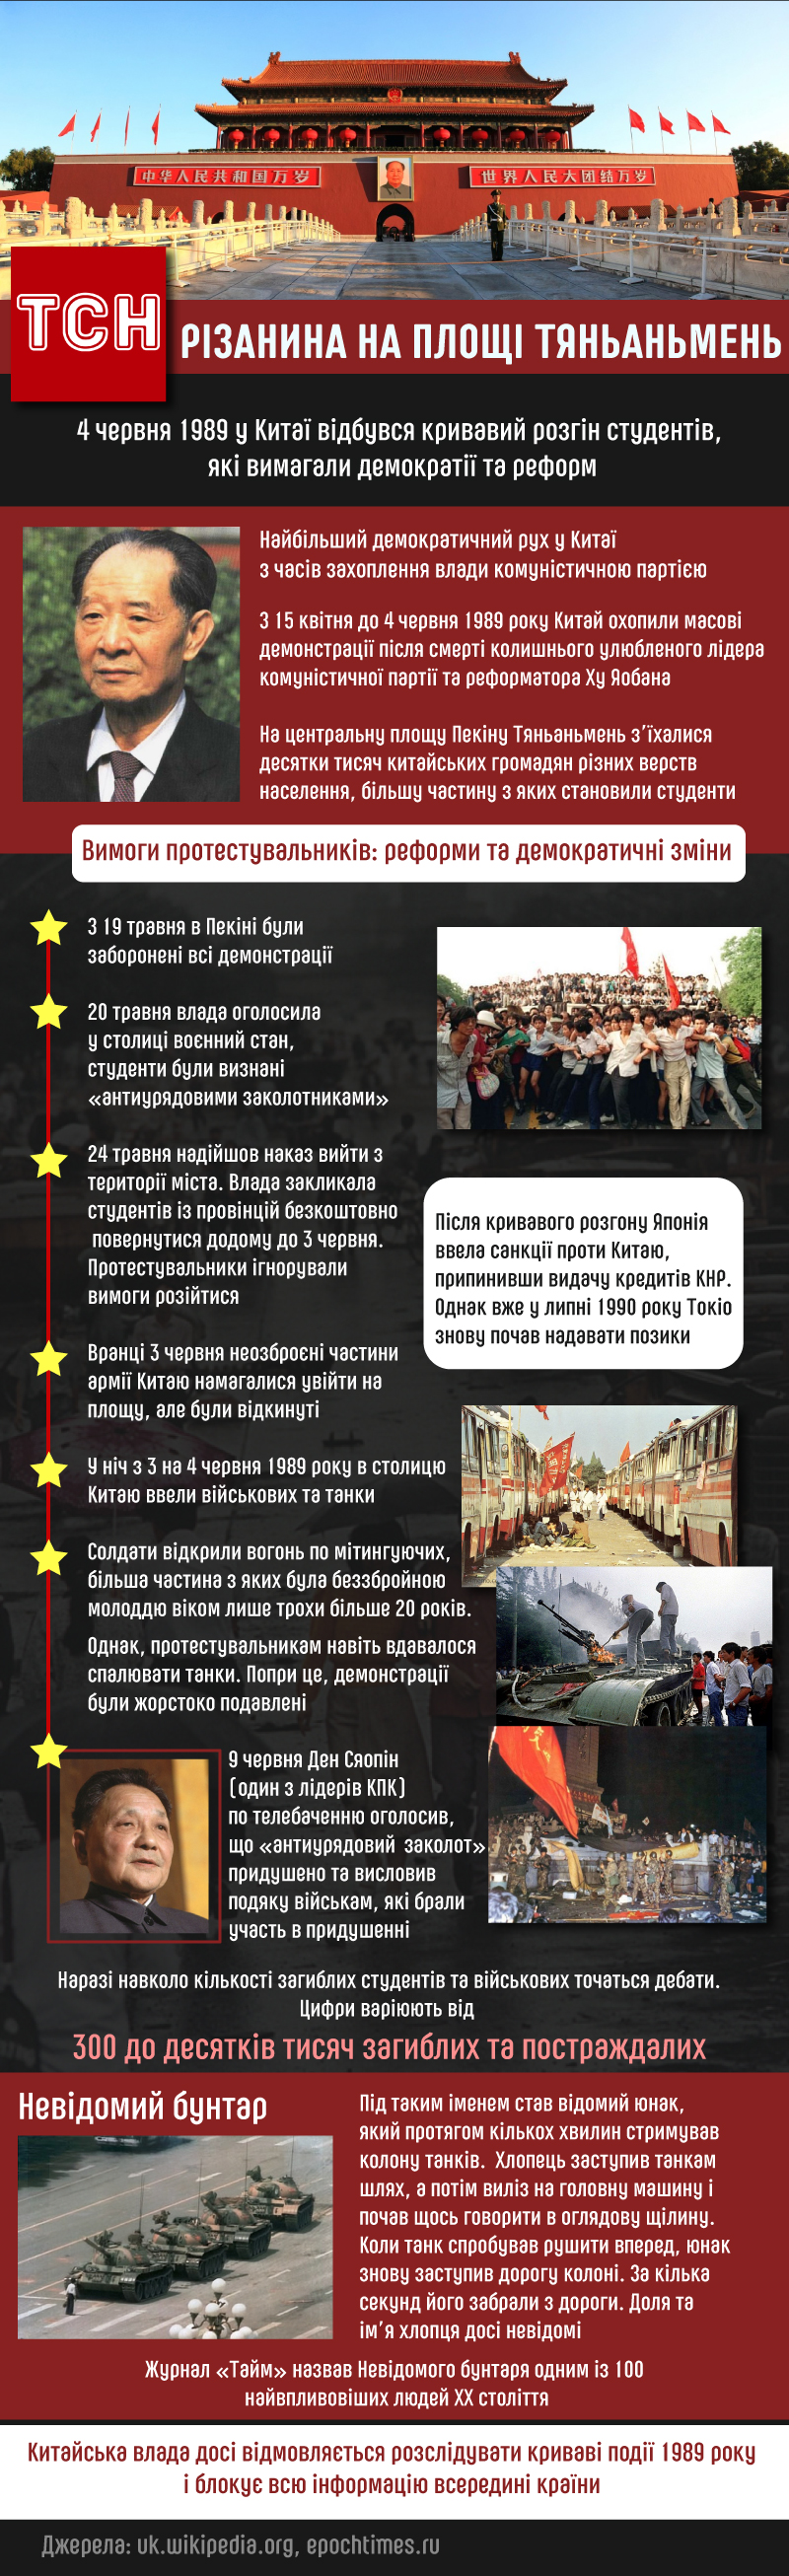 Тяньаньмень